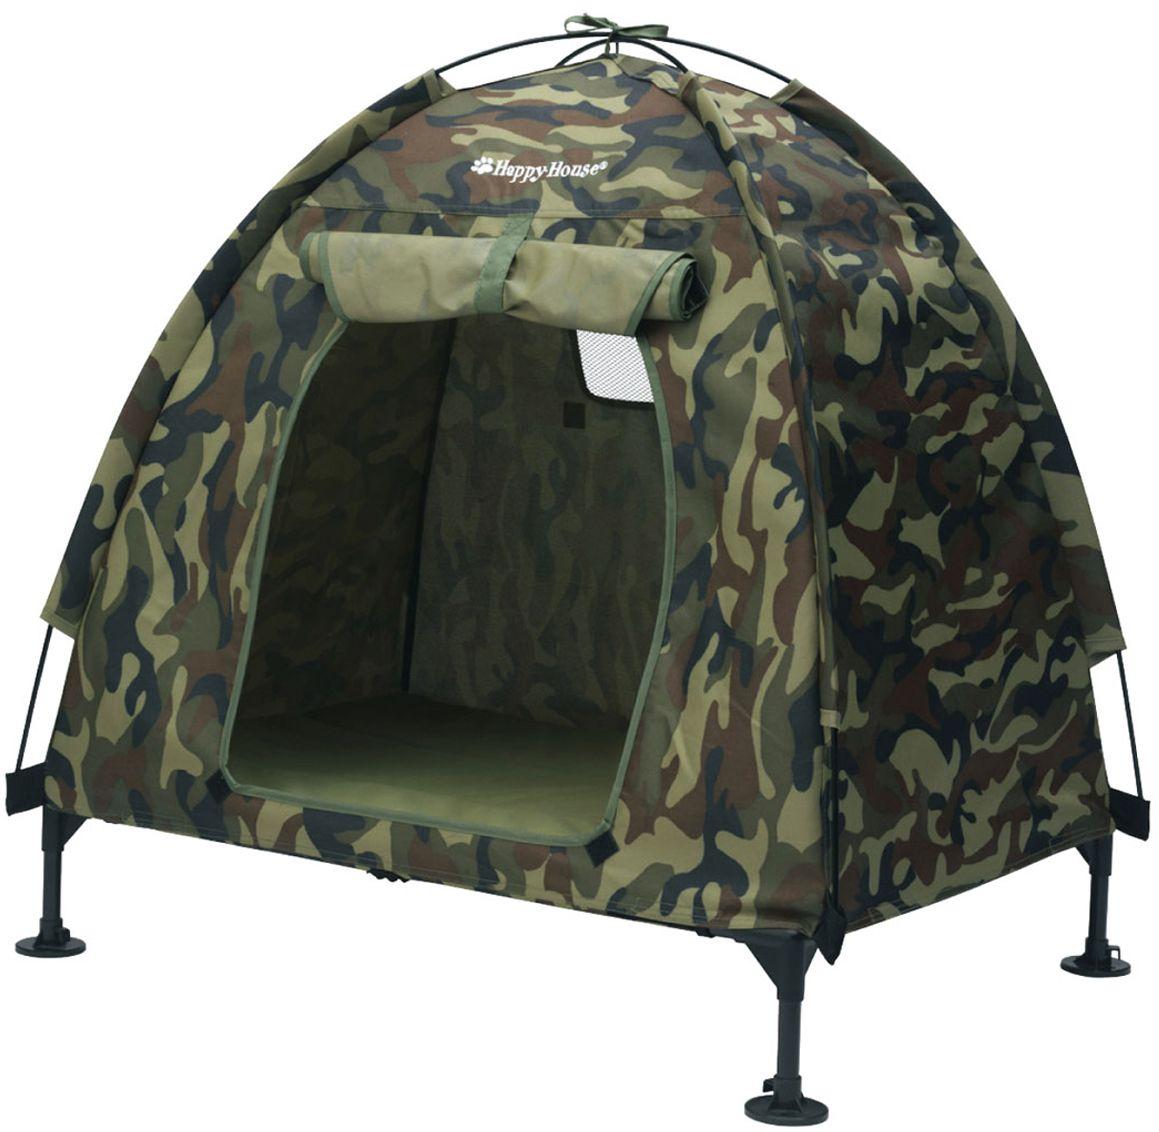 Палатка для собак Happy House Outdoor, цвет: камуфляж, 78 х 55 х 81 см8511Палатка для собак Happy House Outdoor - незаменимая вещь для вашего питомца. Палатка выполняет роль мобильного убежища, где животное будет себя чувствовать комфортно и в безопасности. В палатке он может спать, играть и прятаться. Палатка выполнена из плотной ткани. Она оснащена вентиляционным окном и входом, который закрывается на сверхпрочную застежку-молнию. Палатка легко и быстро сворачивается и не занимает много места при хранении. Палатку можно установить в любом удобном месте. Она позволит вам контролировать действия вашего домашнего животного и приучить его к чистоплотности. Также палатку можно использовать на выставках и для транспортировки животного. Максимальный вес животного: 50 кг.